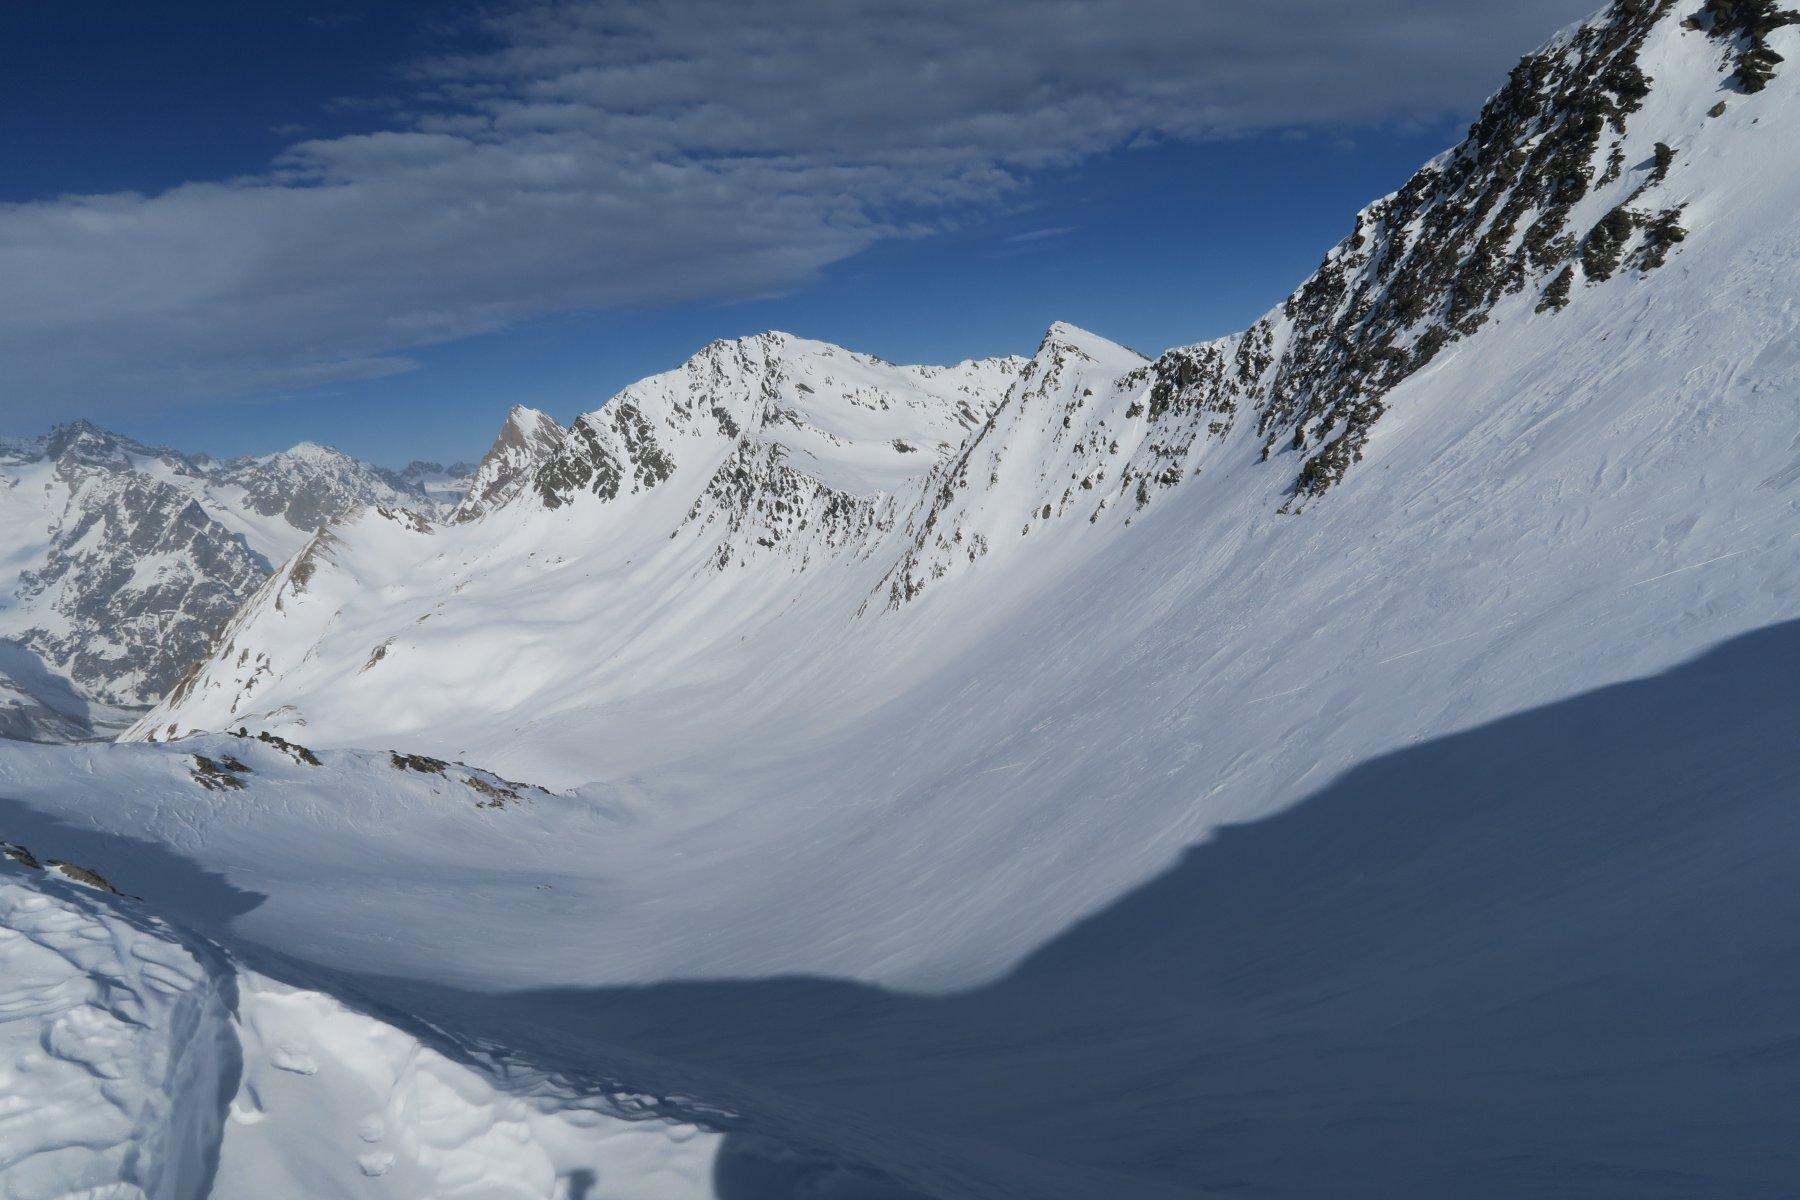 versante svizzero, in centro il Mont Telliers